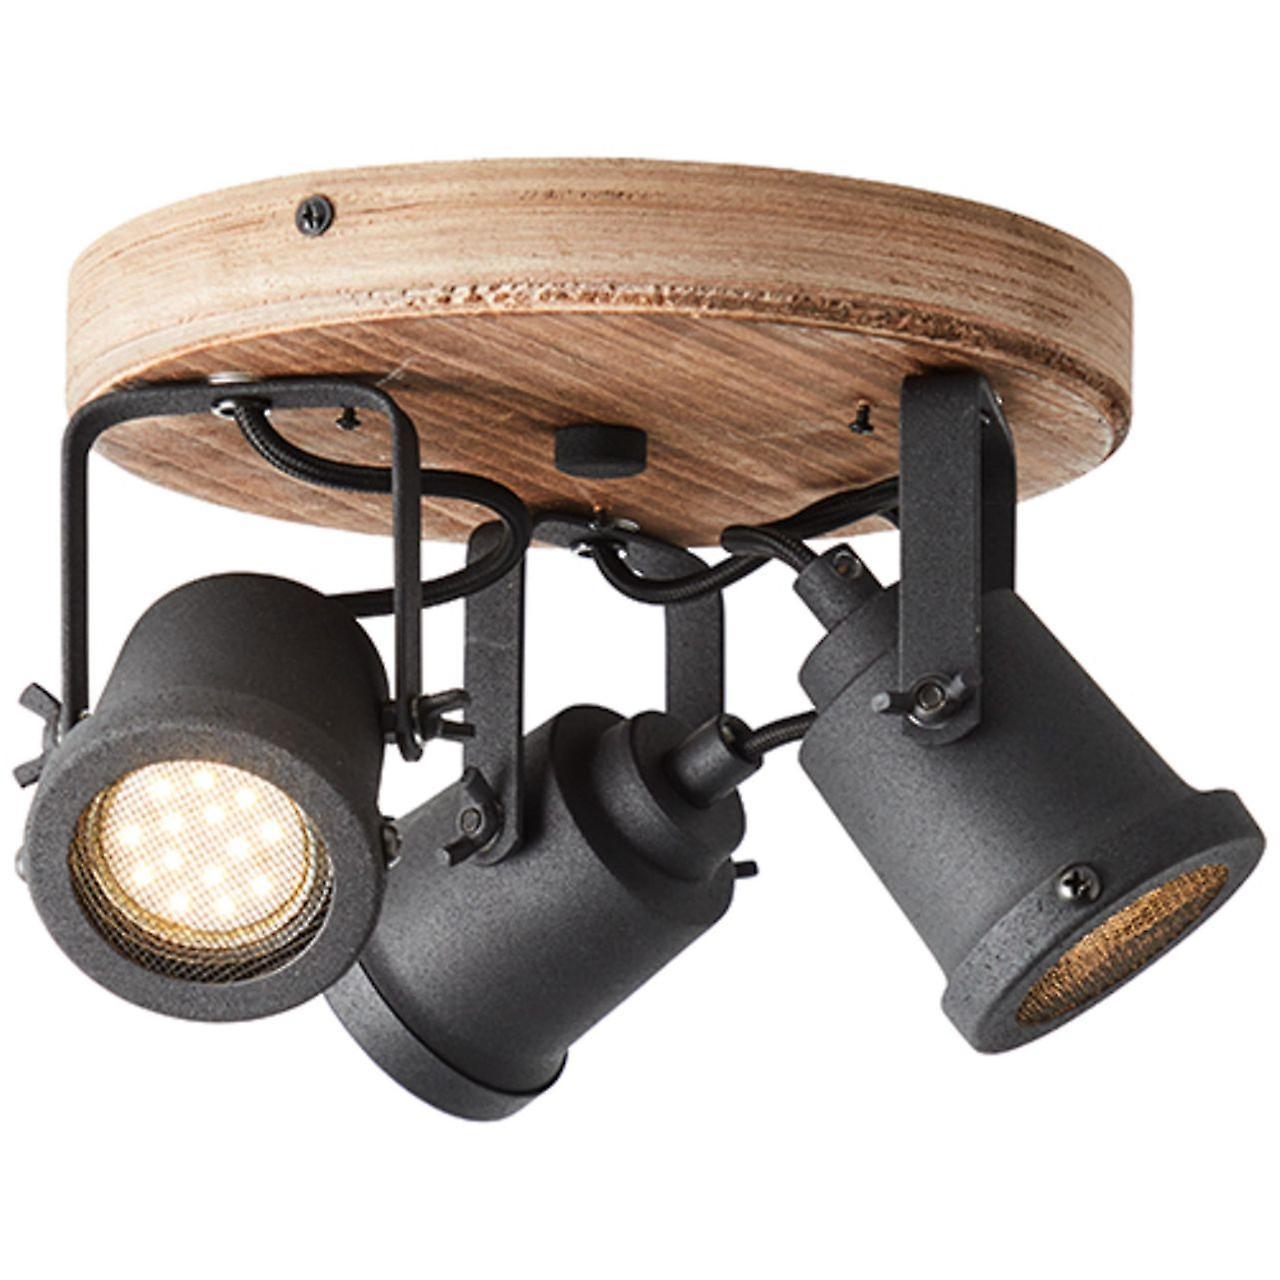 BRILLIANT Inge Spotrondell 3flg. holz dunkel/schwarz Innenleuchten,Strahler,-Rondell | 3x PAR51, GU10, 6W, geeignet für Reflektorlampen (nicht enthalten) | A++ | Köpfe schwenkbar